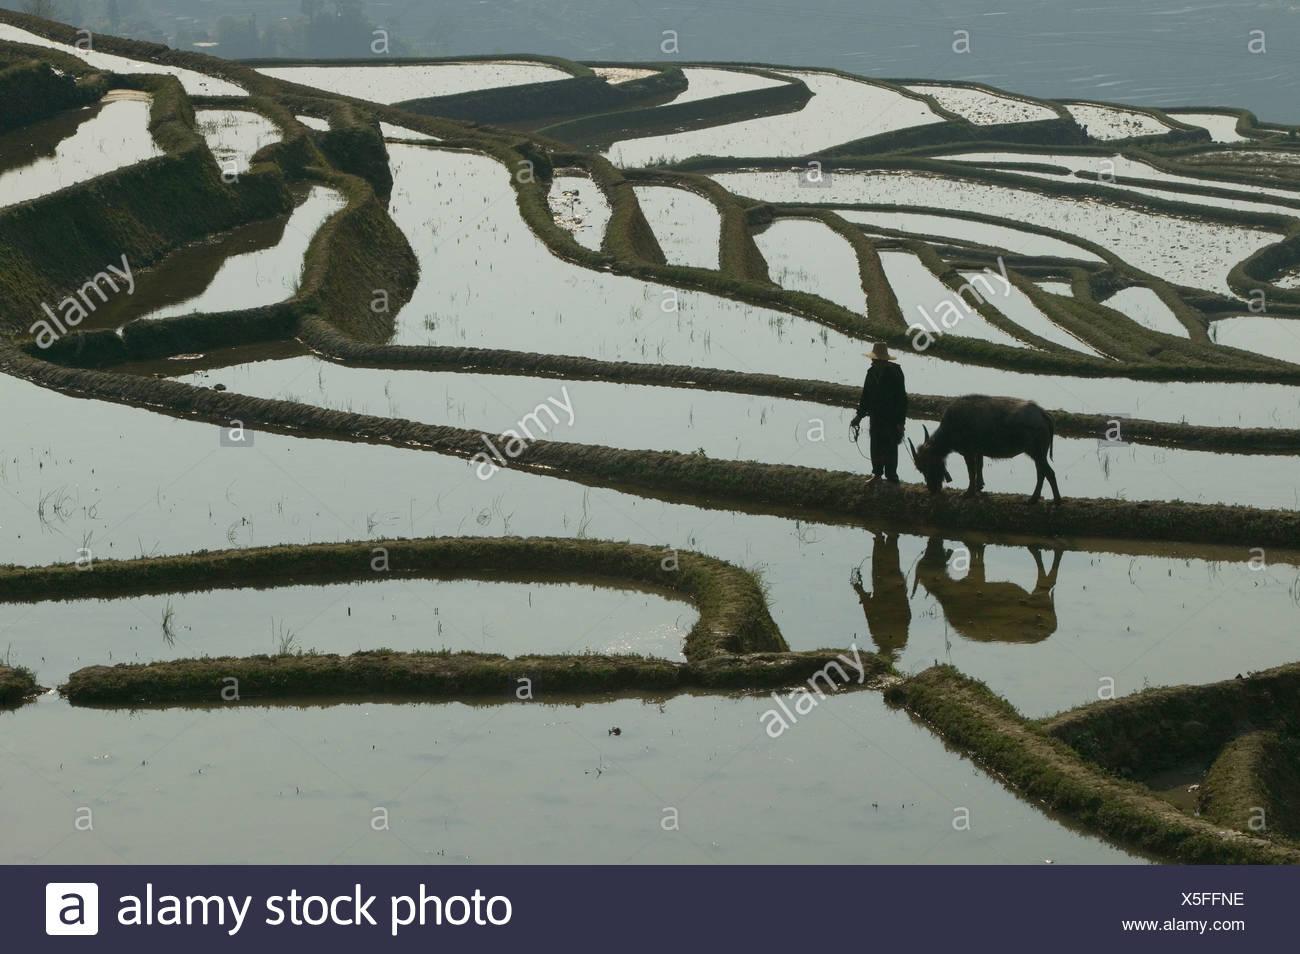 Ein Bauer geht mit seiner Wasserbüffel am Rande einer terrassierten Reisfelder, Provinz Yunnan, China. Stockbild